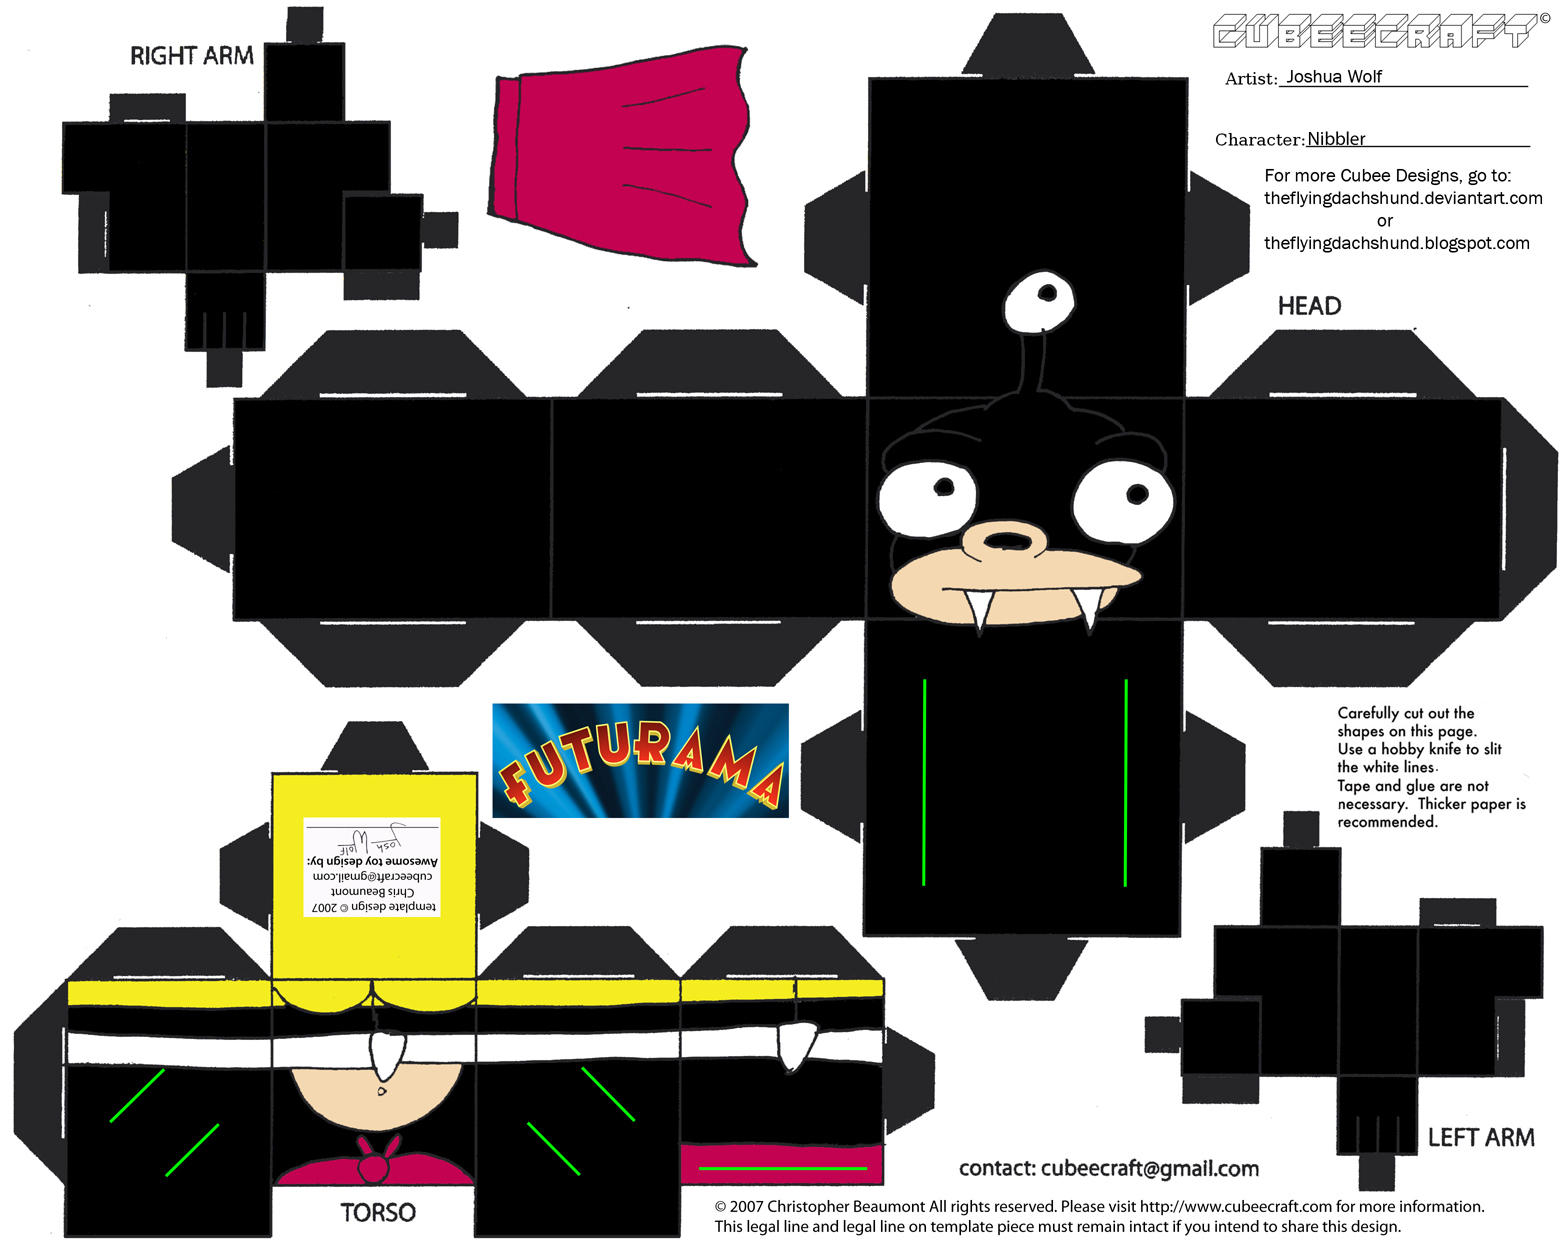 Fut2: Nibbler Cubee by TheFlyingDachshund